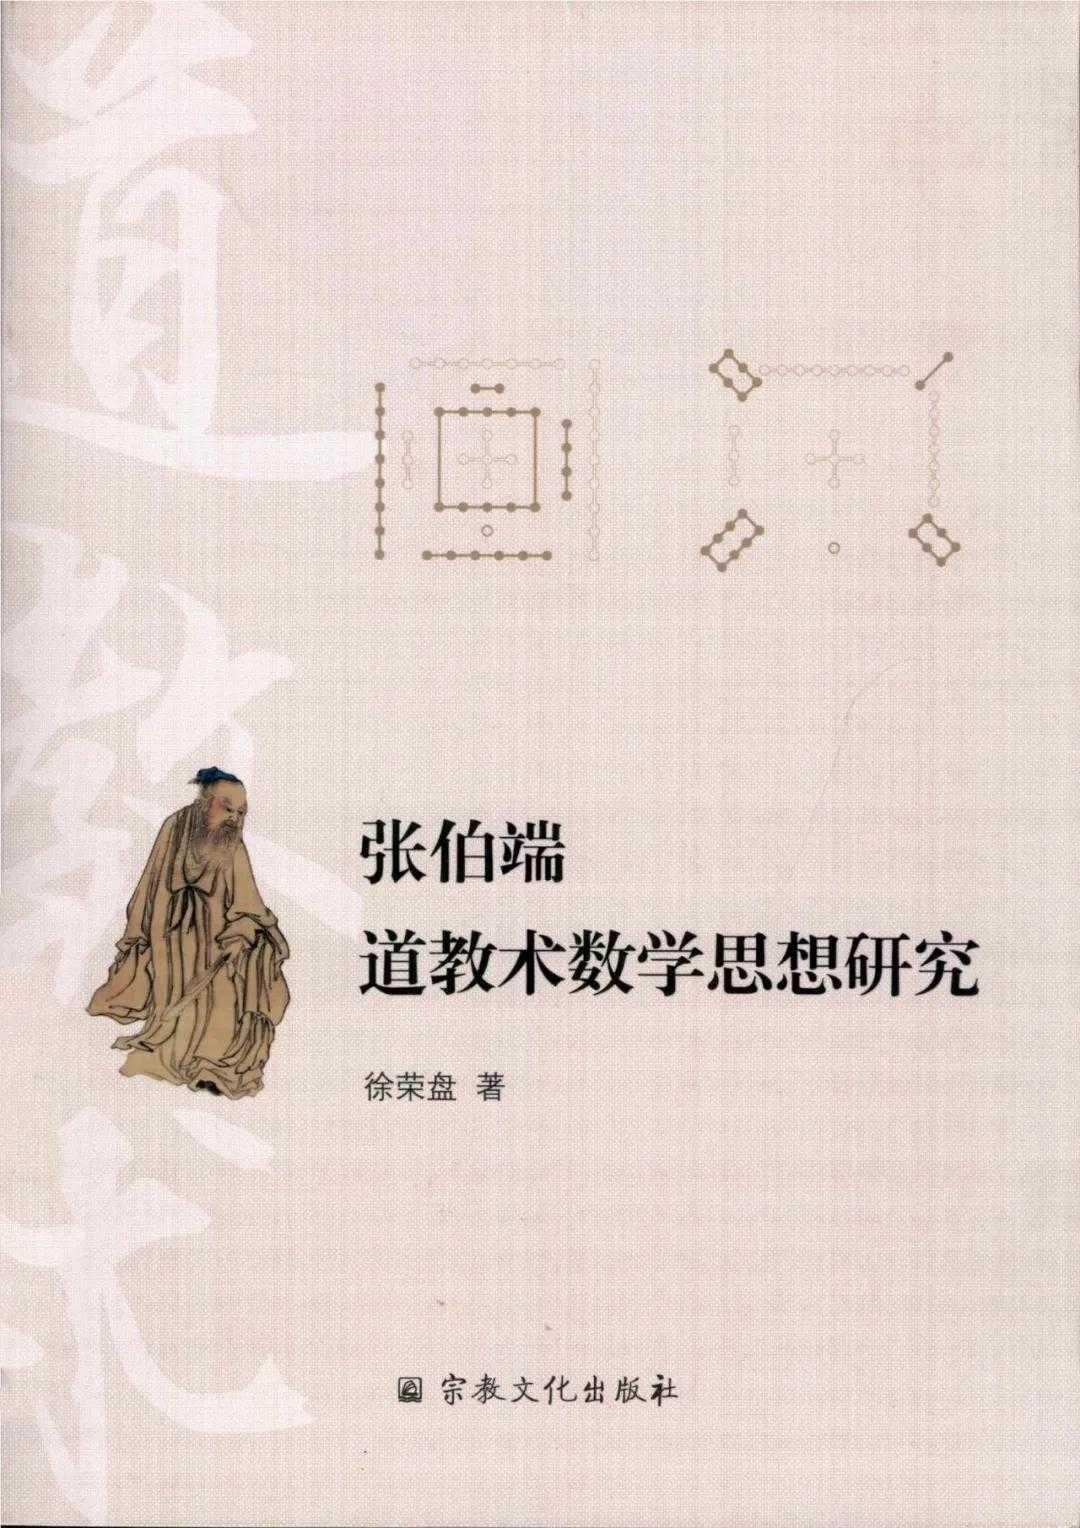 徐荣盘著《张伯端道教术数学思想研究》